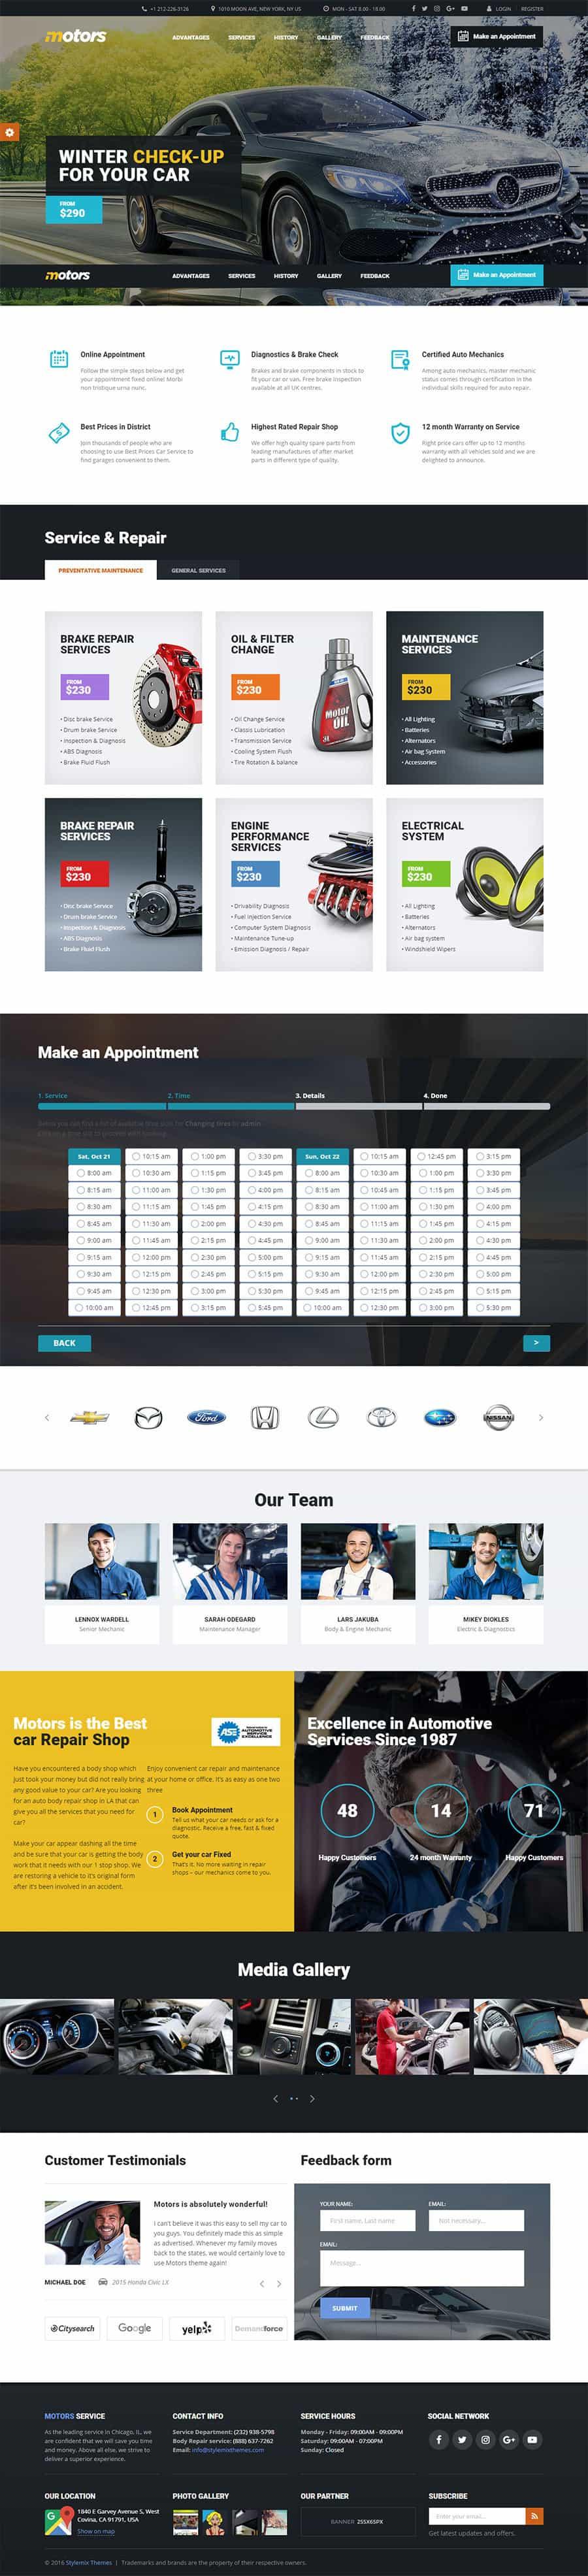 repairwebsite